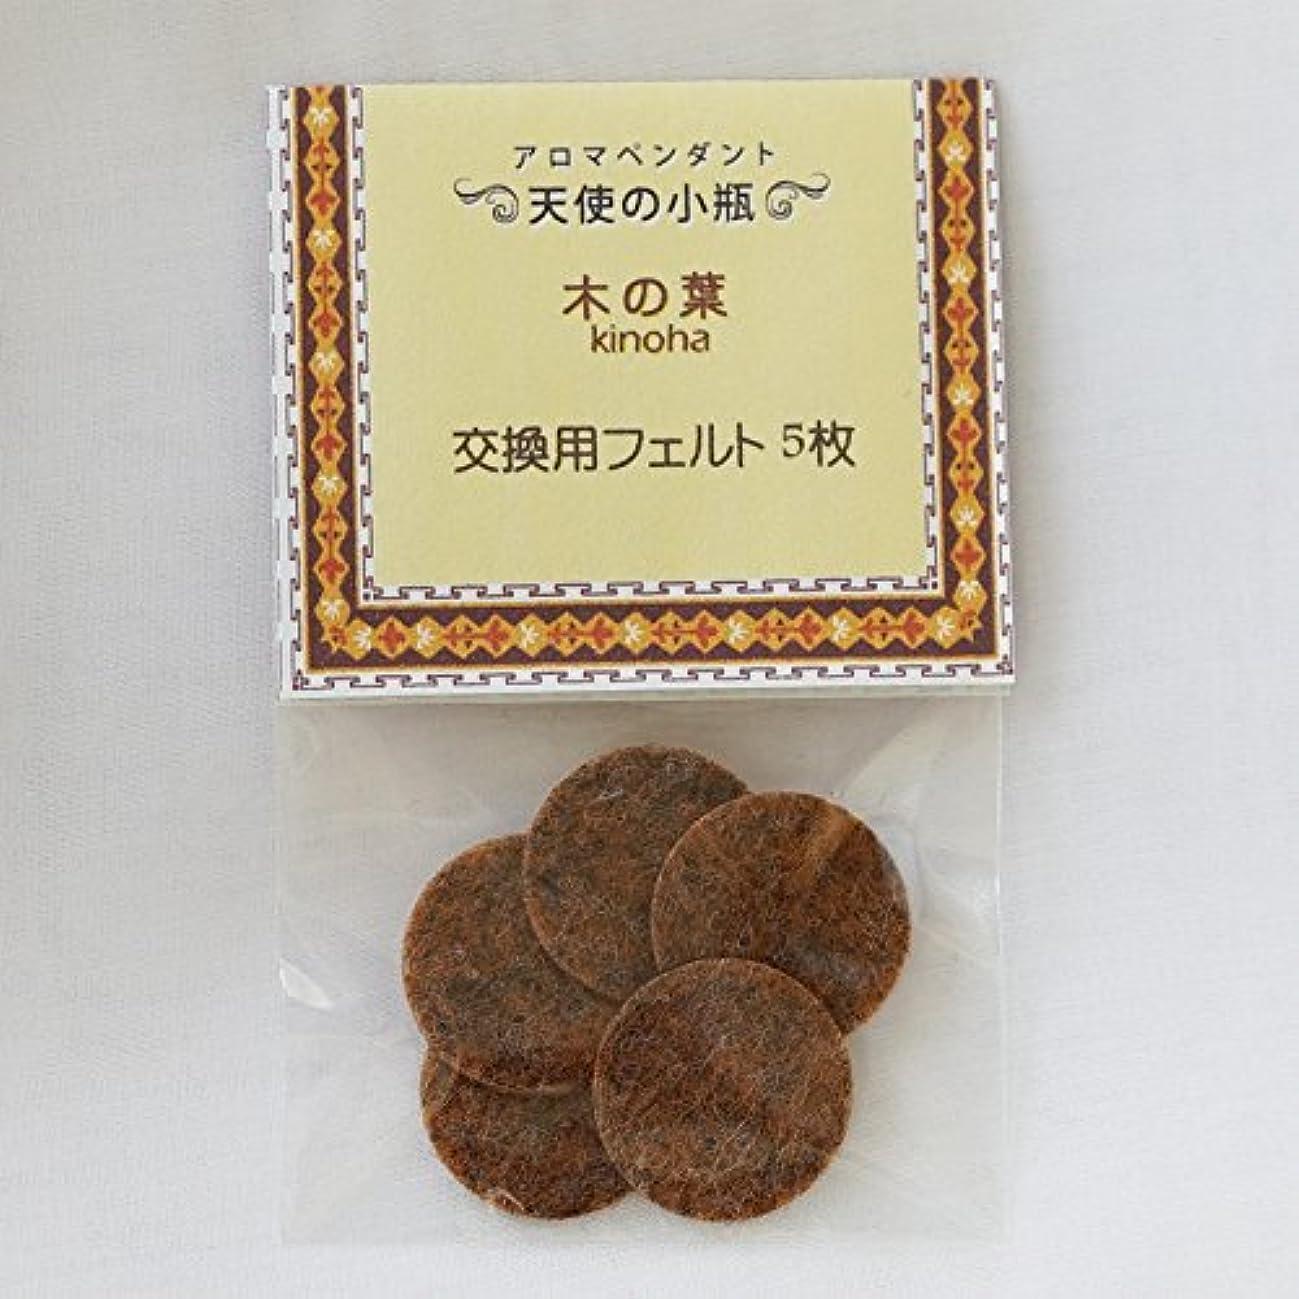 既婚詩ライター【天使の小瓶】 木の葉(ゴールド)交換用フェルト5枚